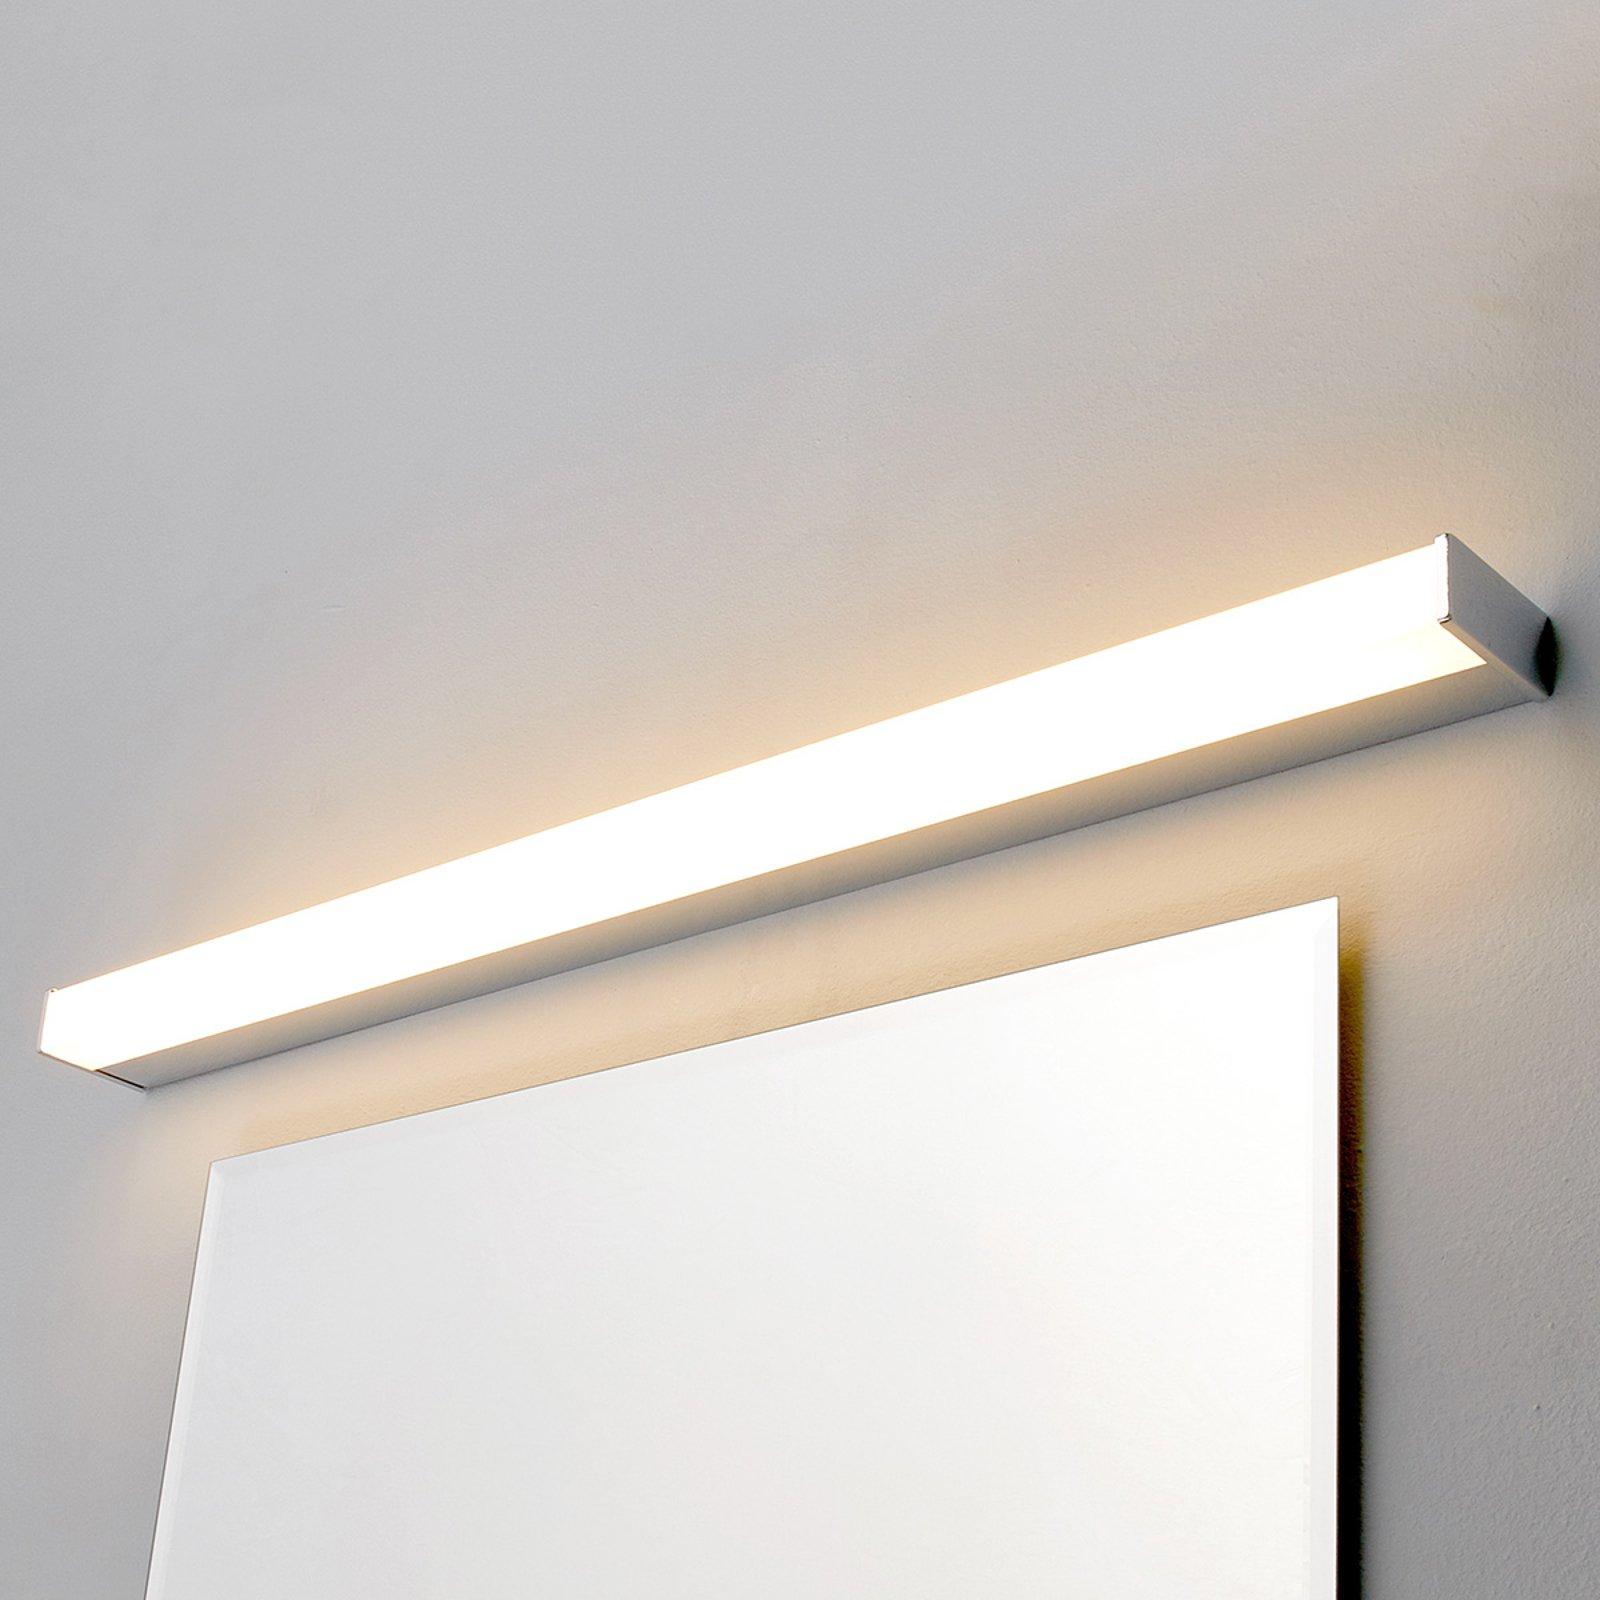 LED-bad- og speillampe Philippa kantet 88 cm